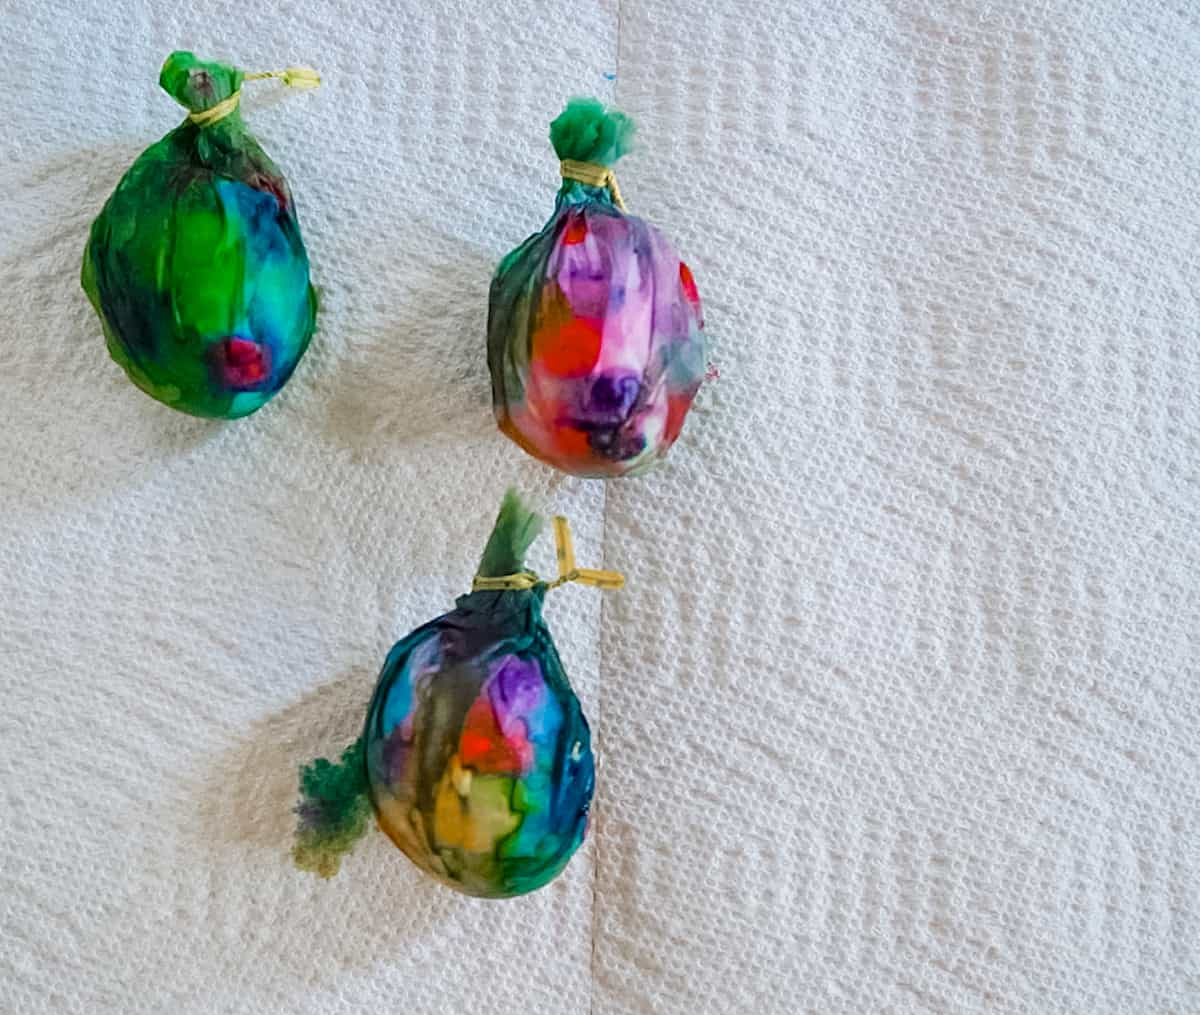 Tie Dye Easter Eggs step 5